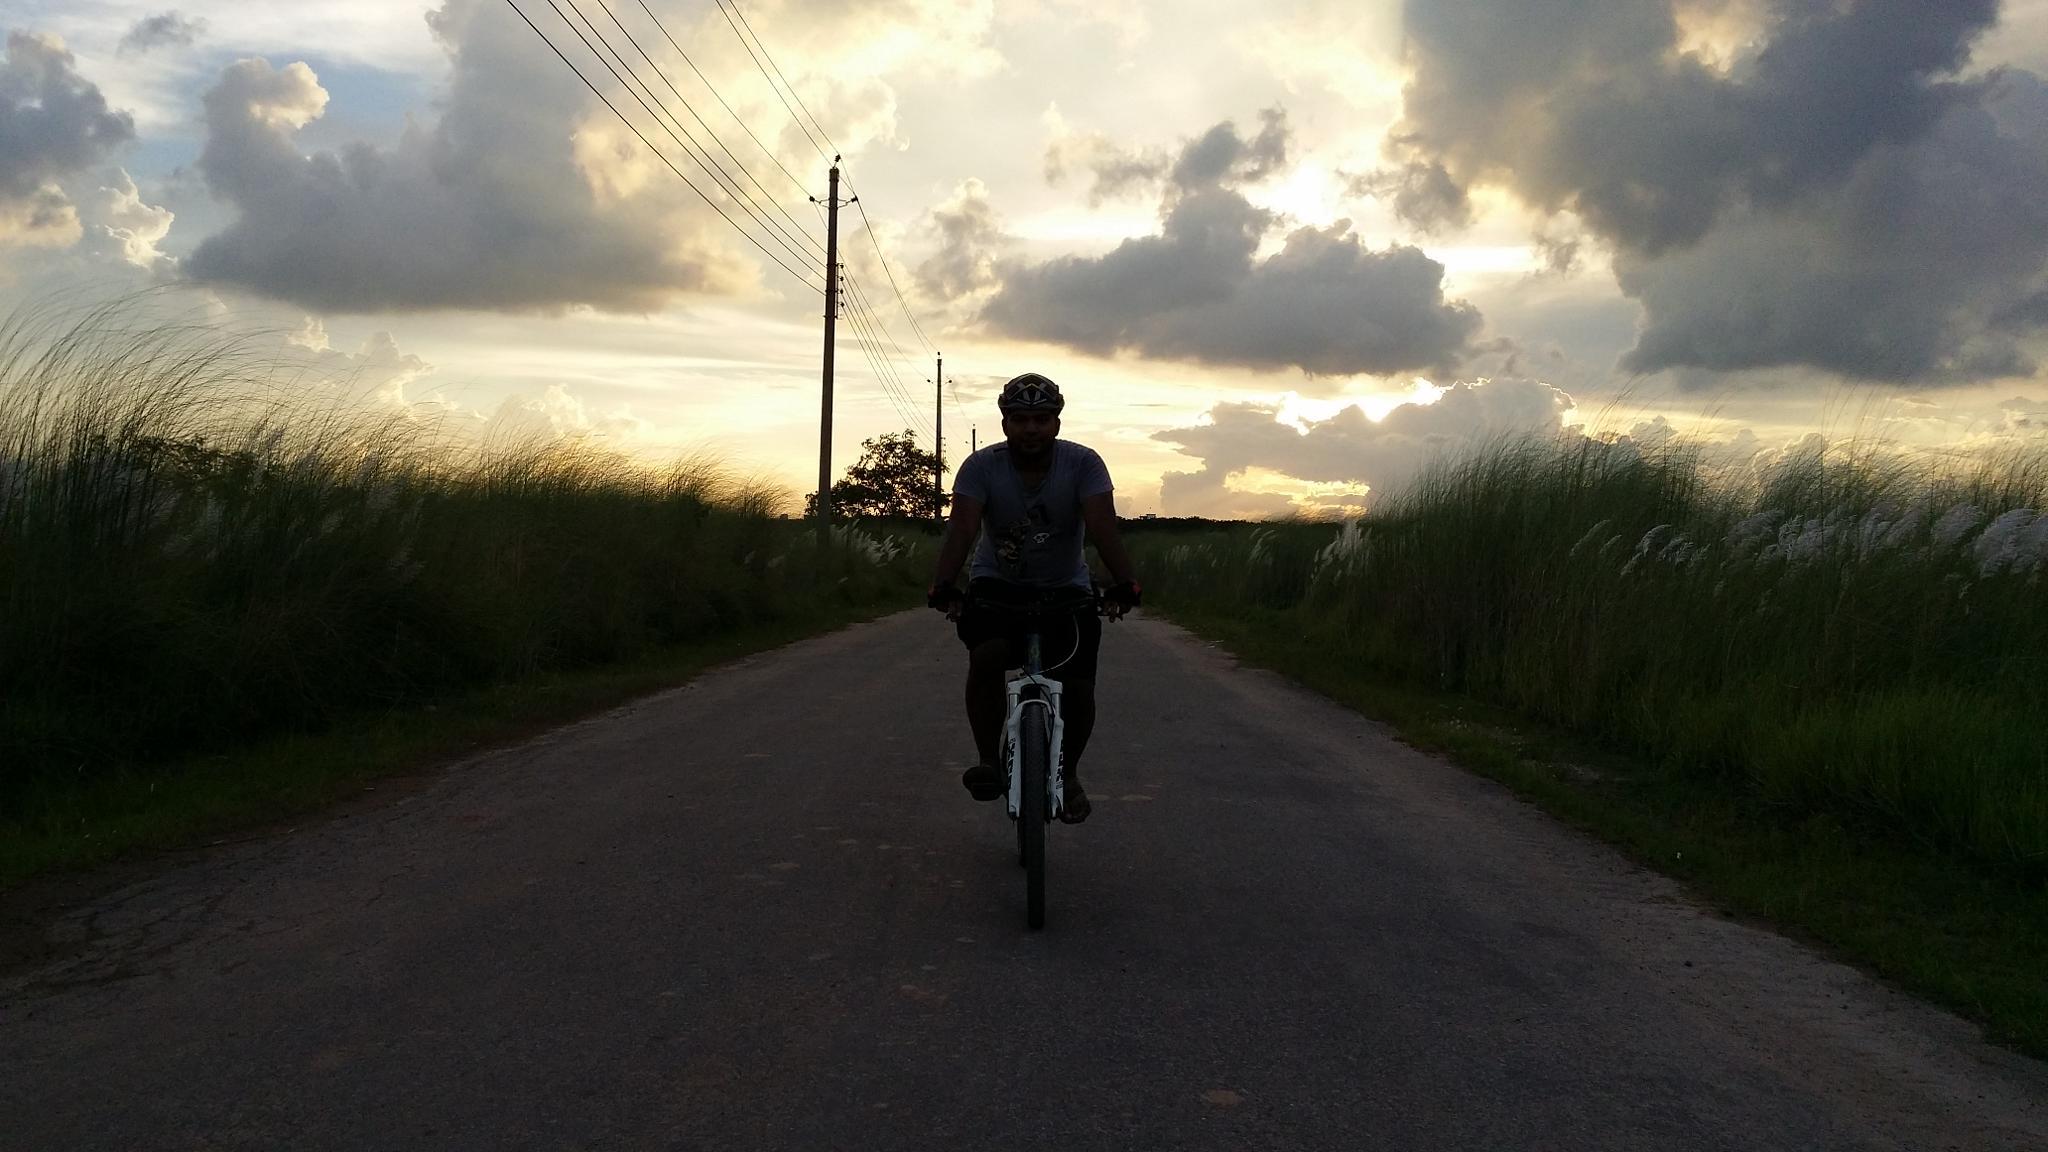 biker by zebran.h.navid